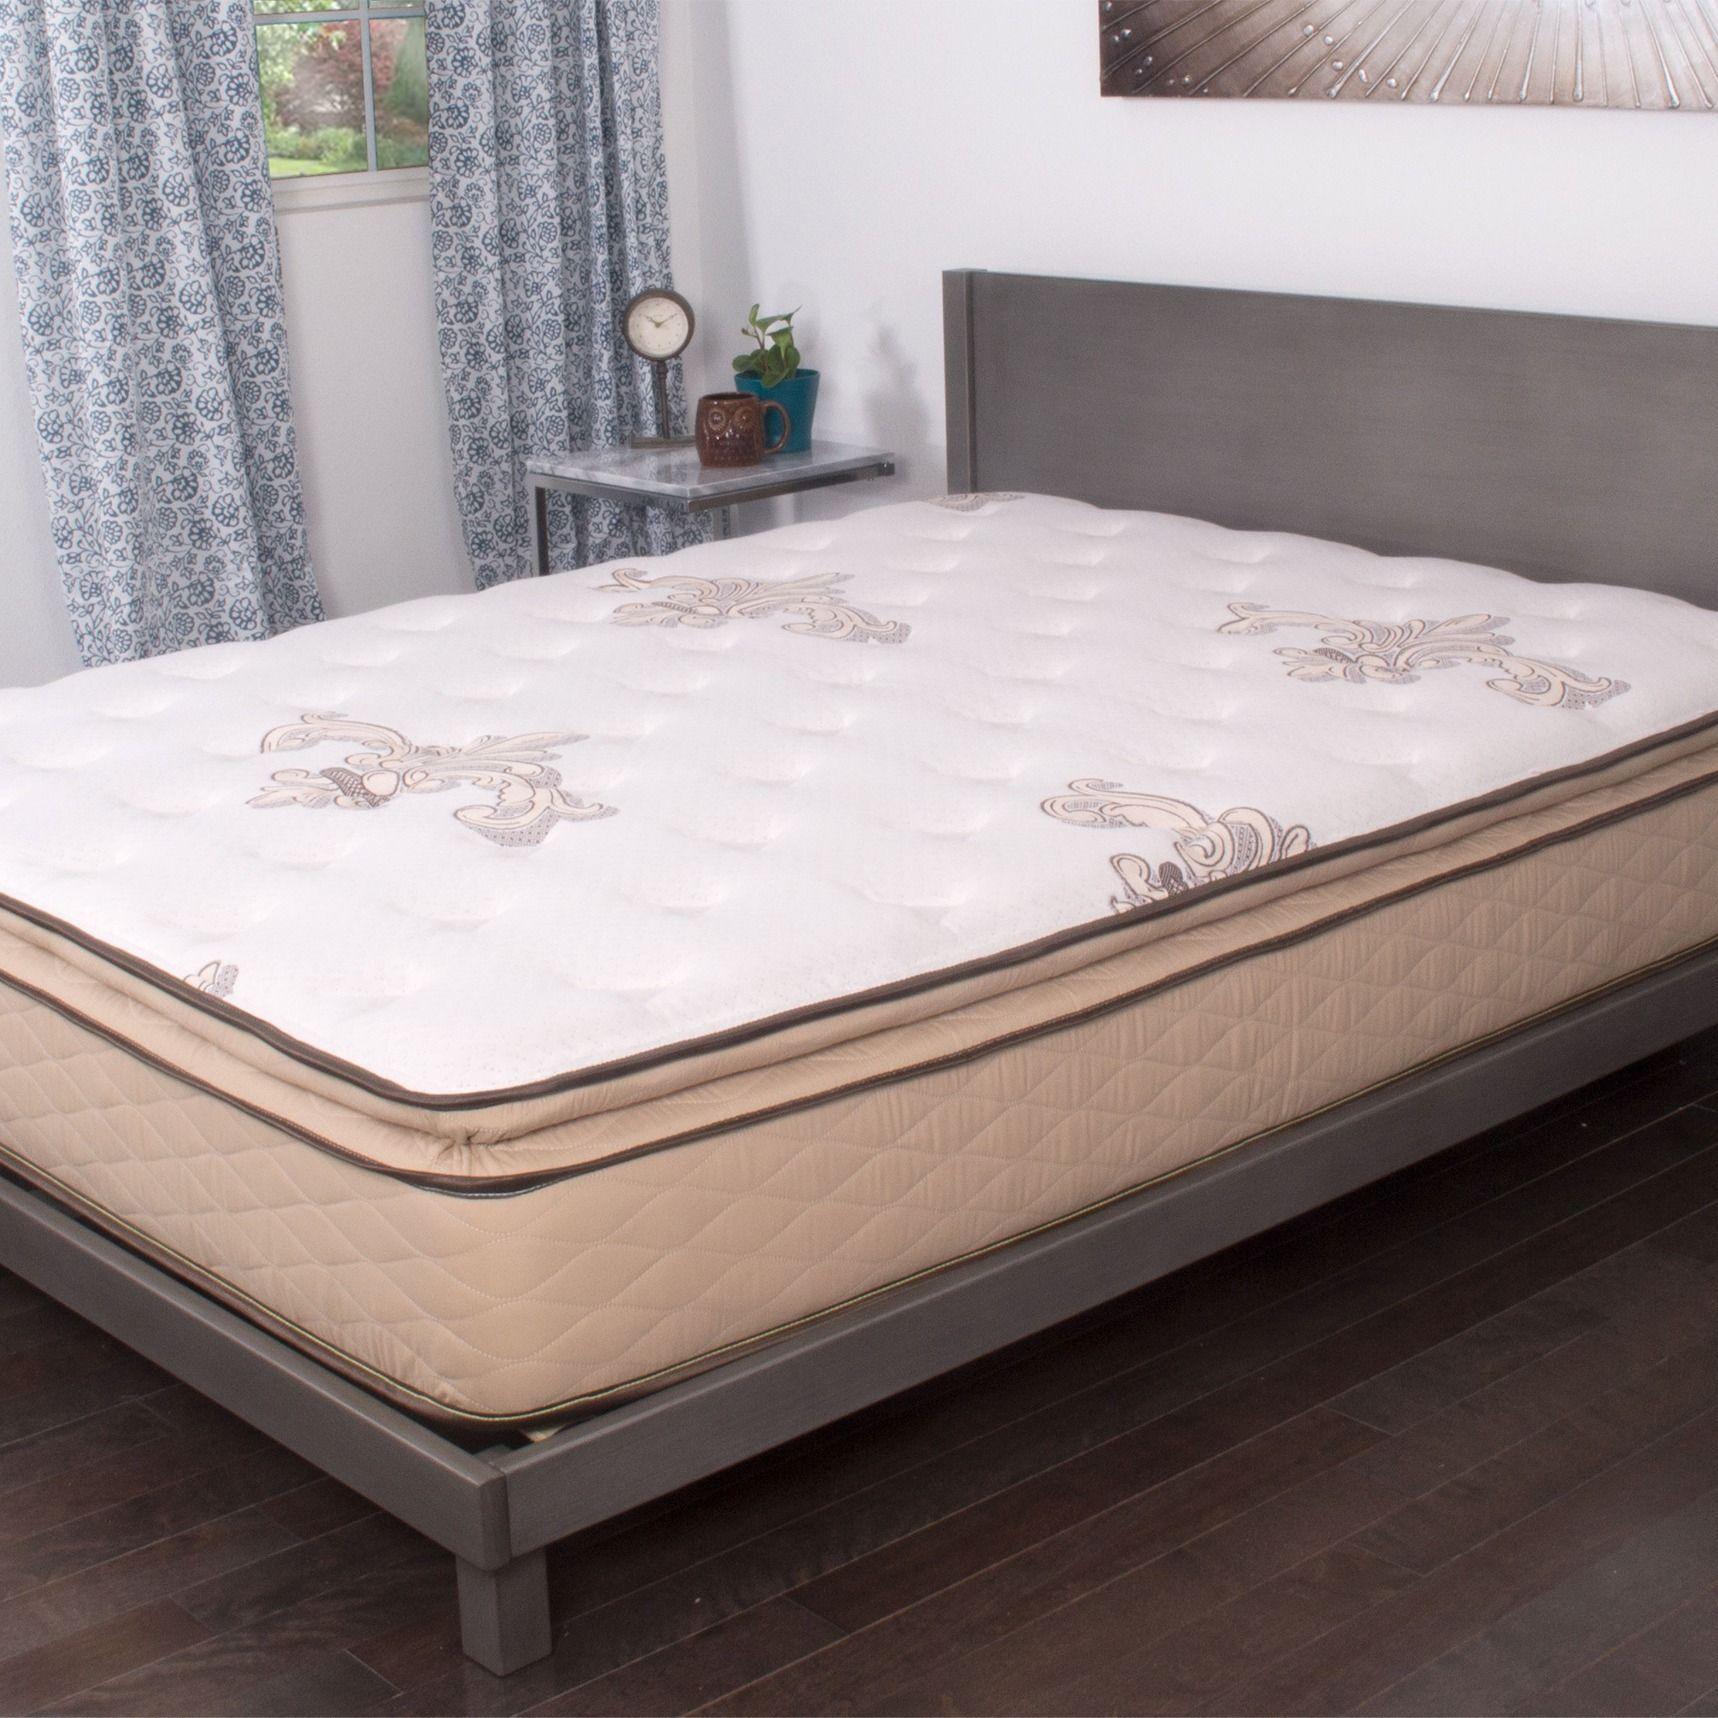 Nuform 11 Medium Soft Pillow Top Mattress Soft Pillows Pillow